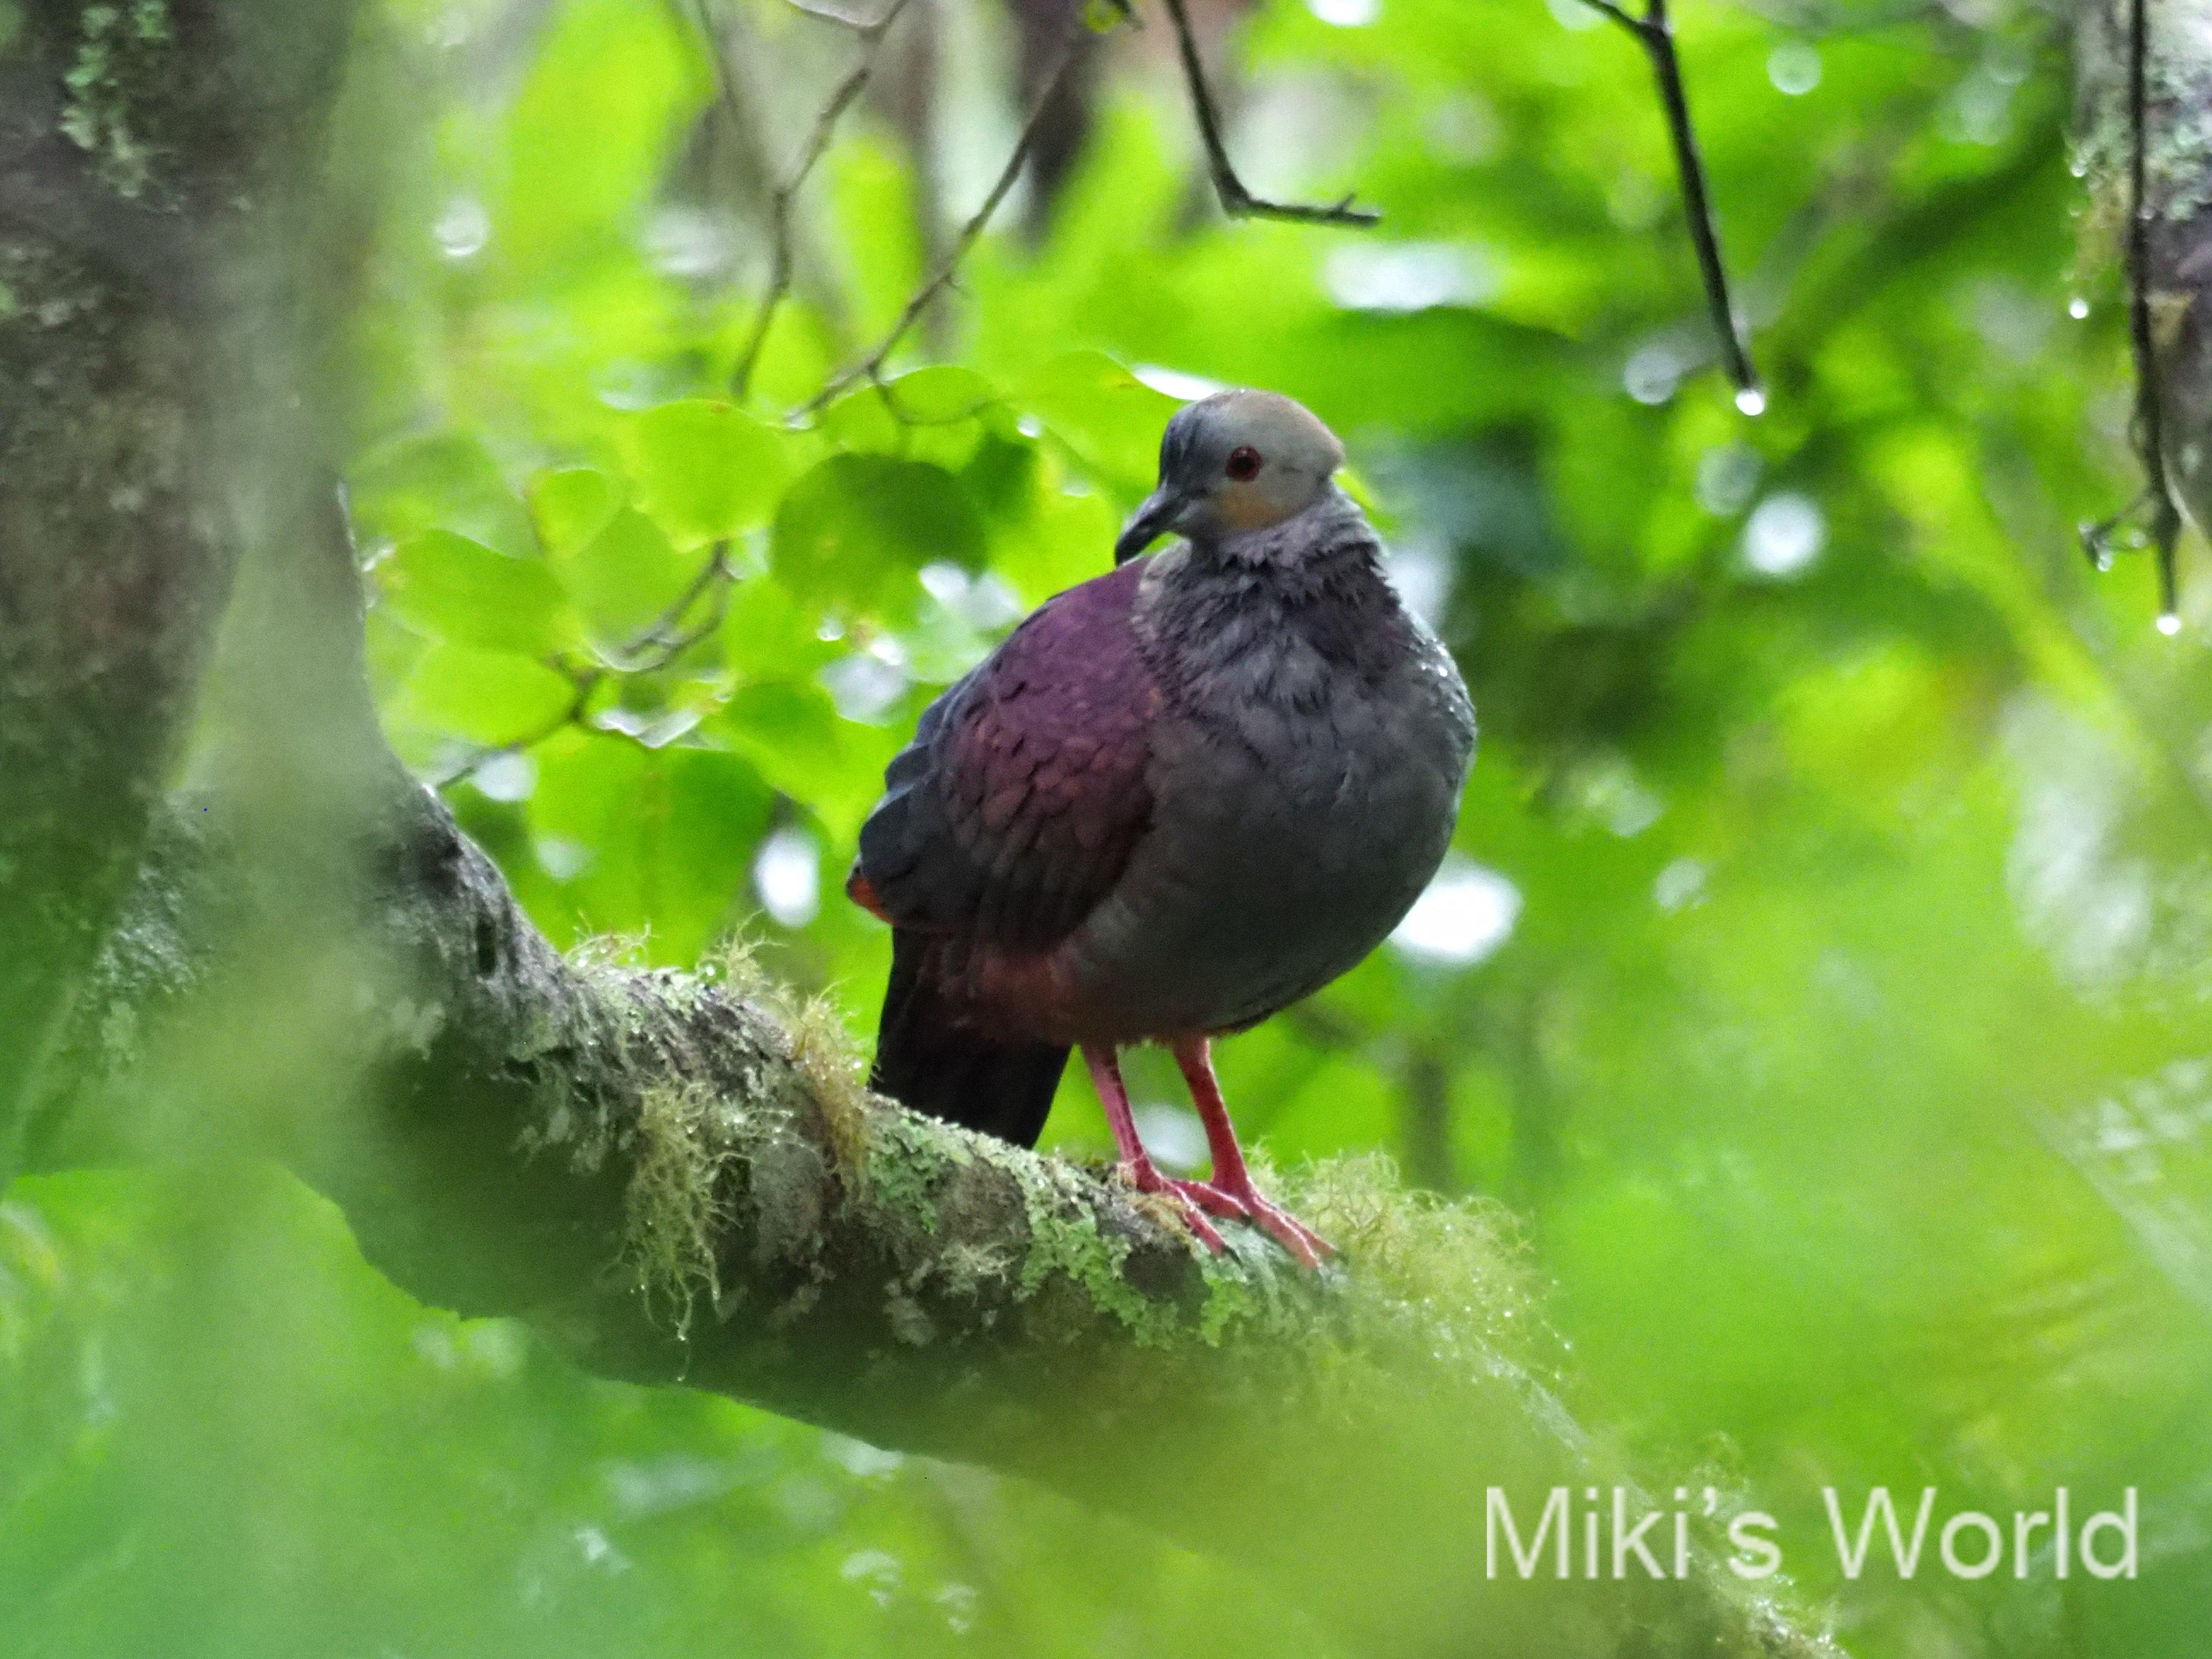 ハトって実はすごいんです! 飛翔力が強いから島に多い ジャマイカハト物語